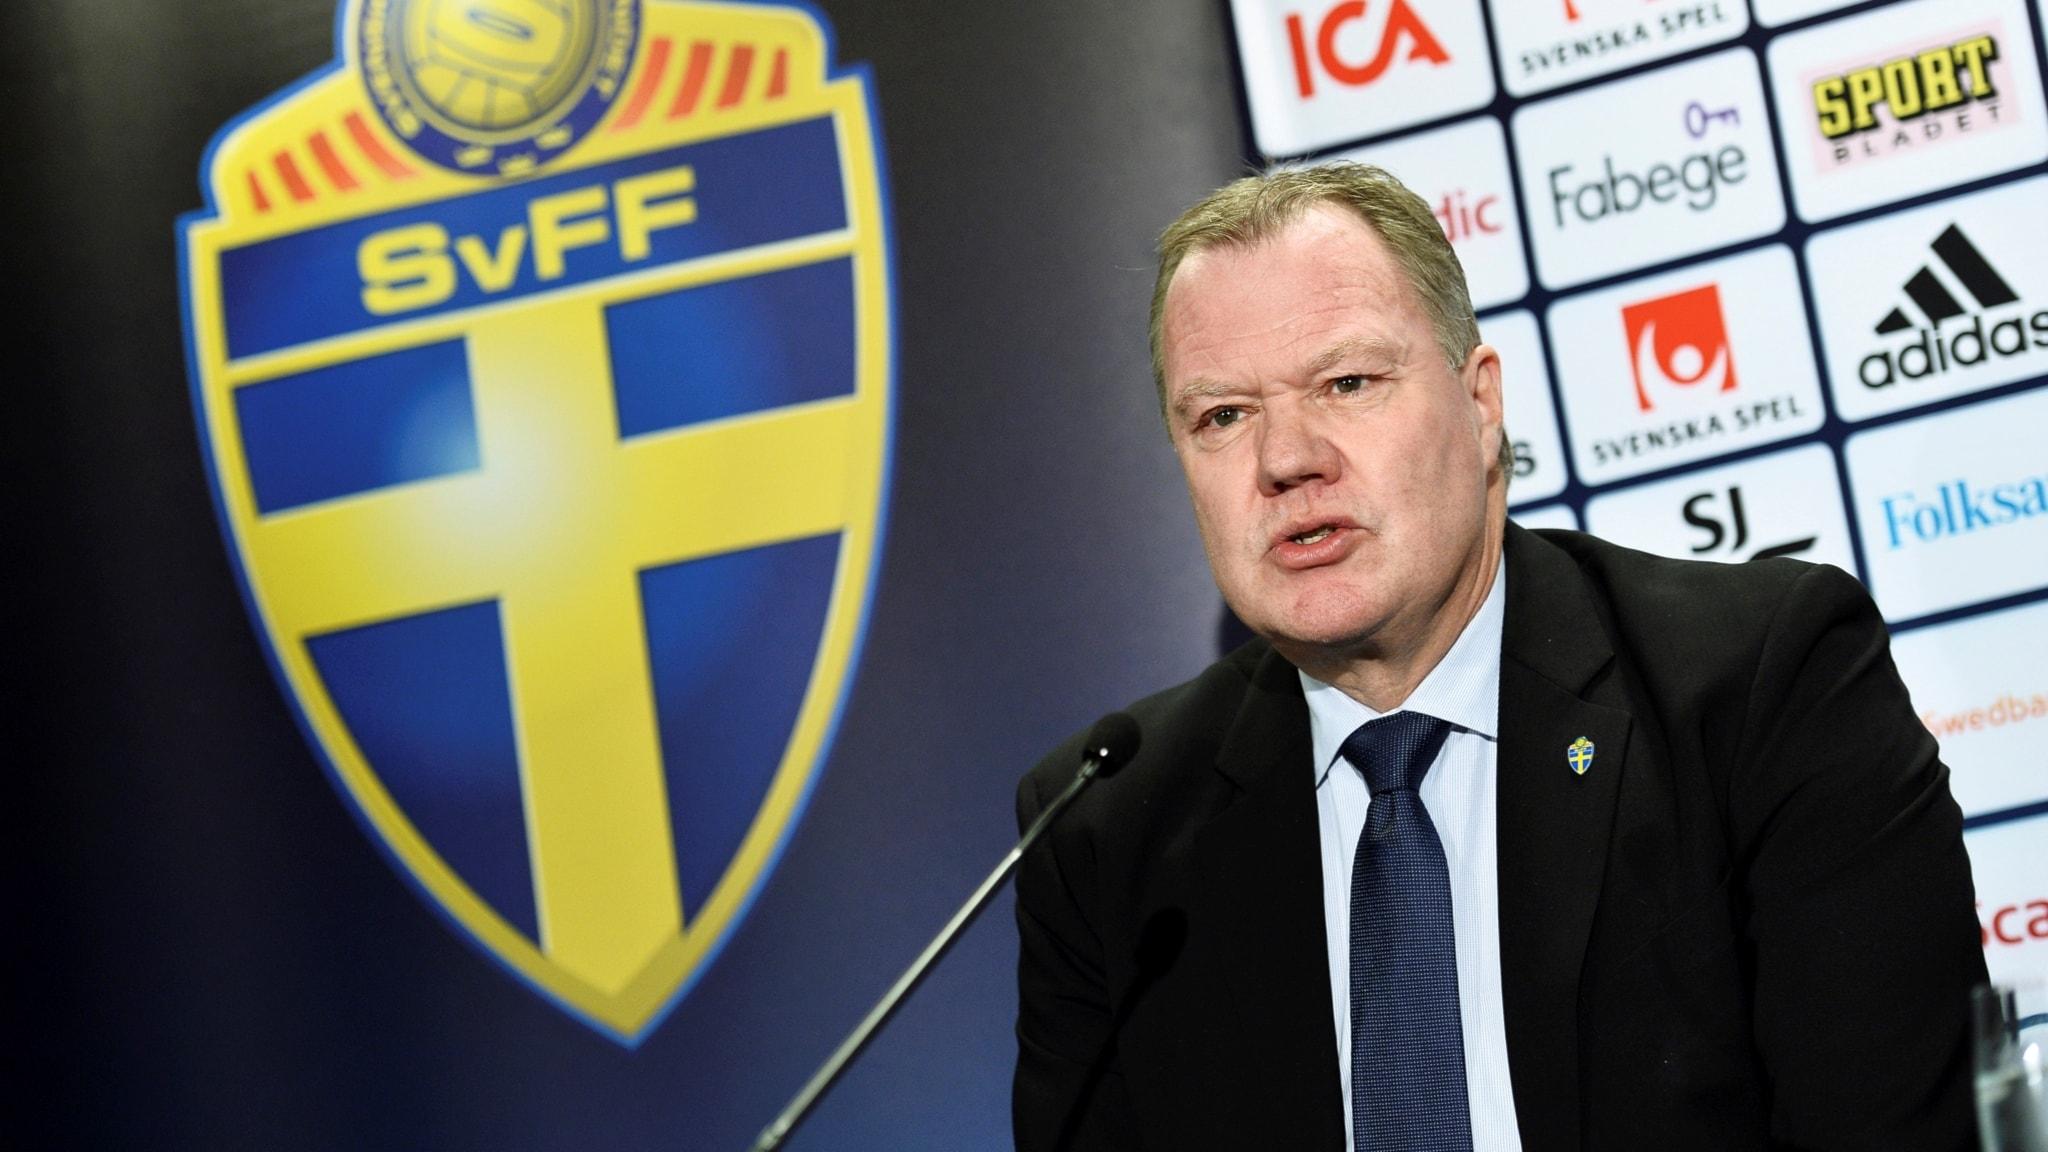 SvFF ordf. om publik på EM: Har gjort försiktiga och säkra bedömningar